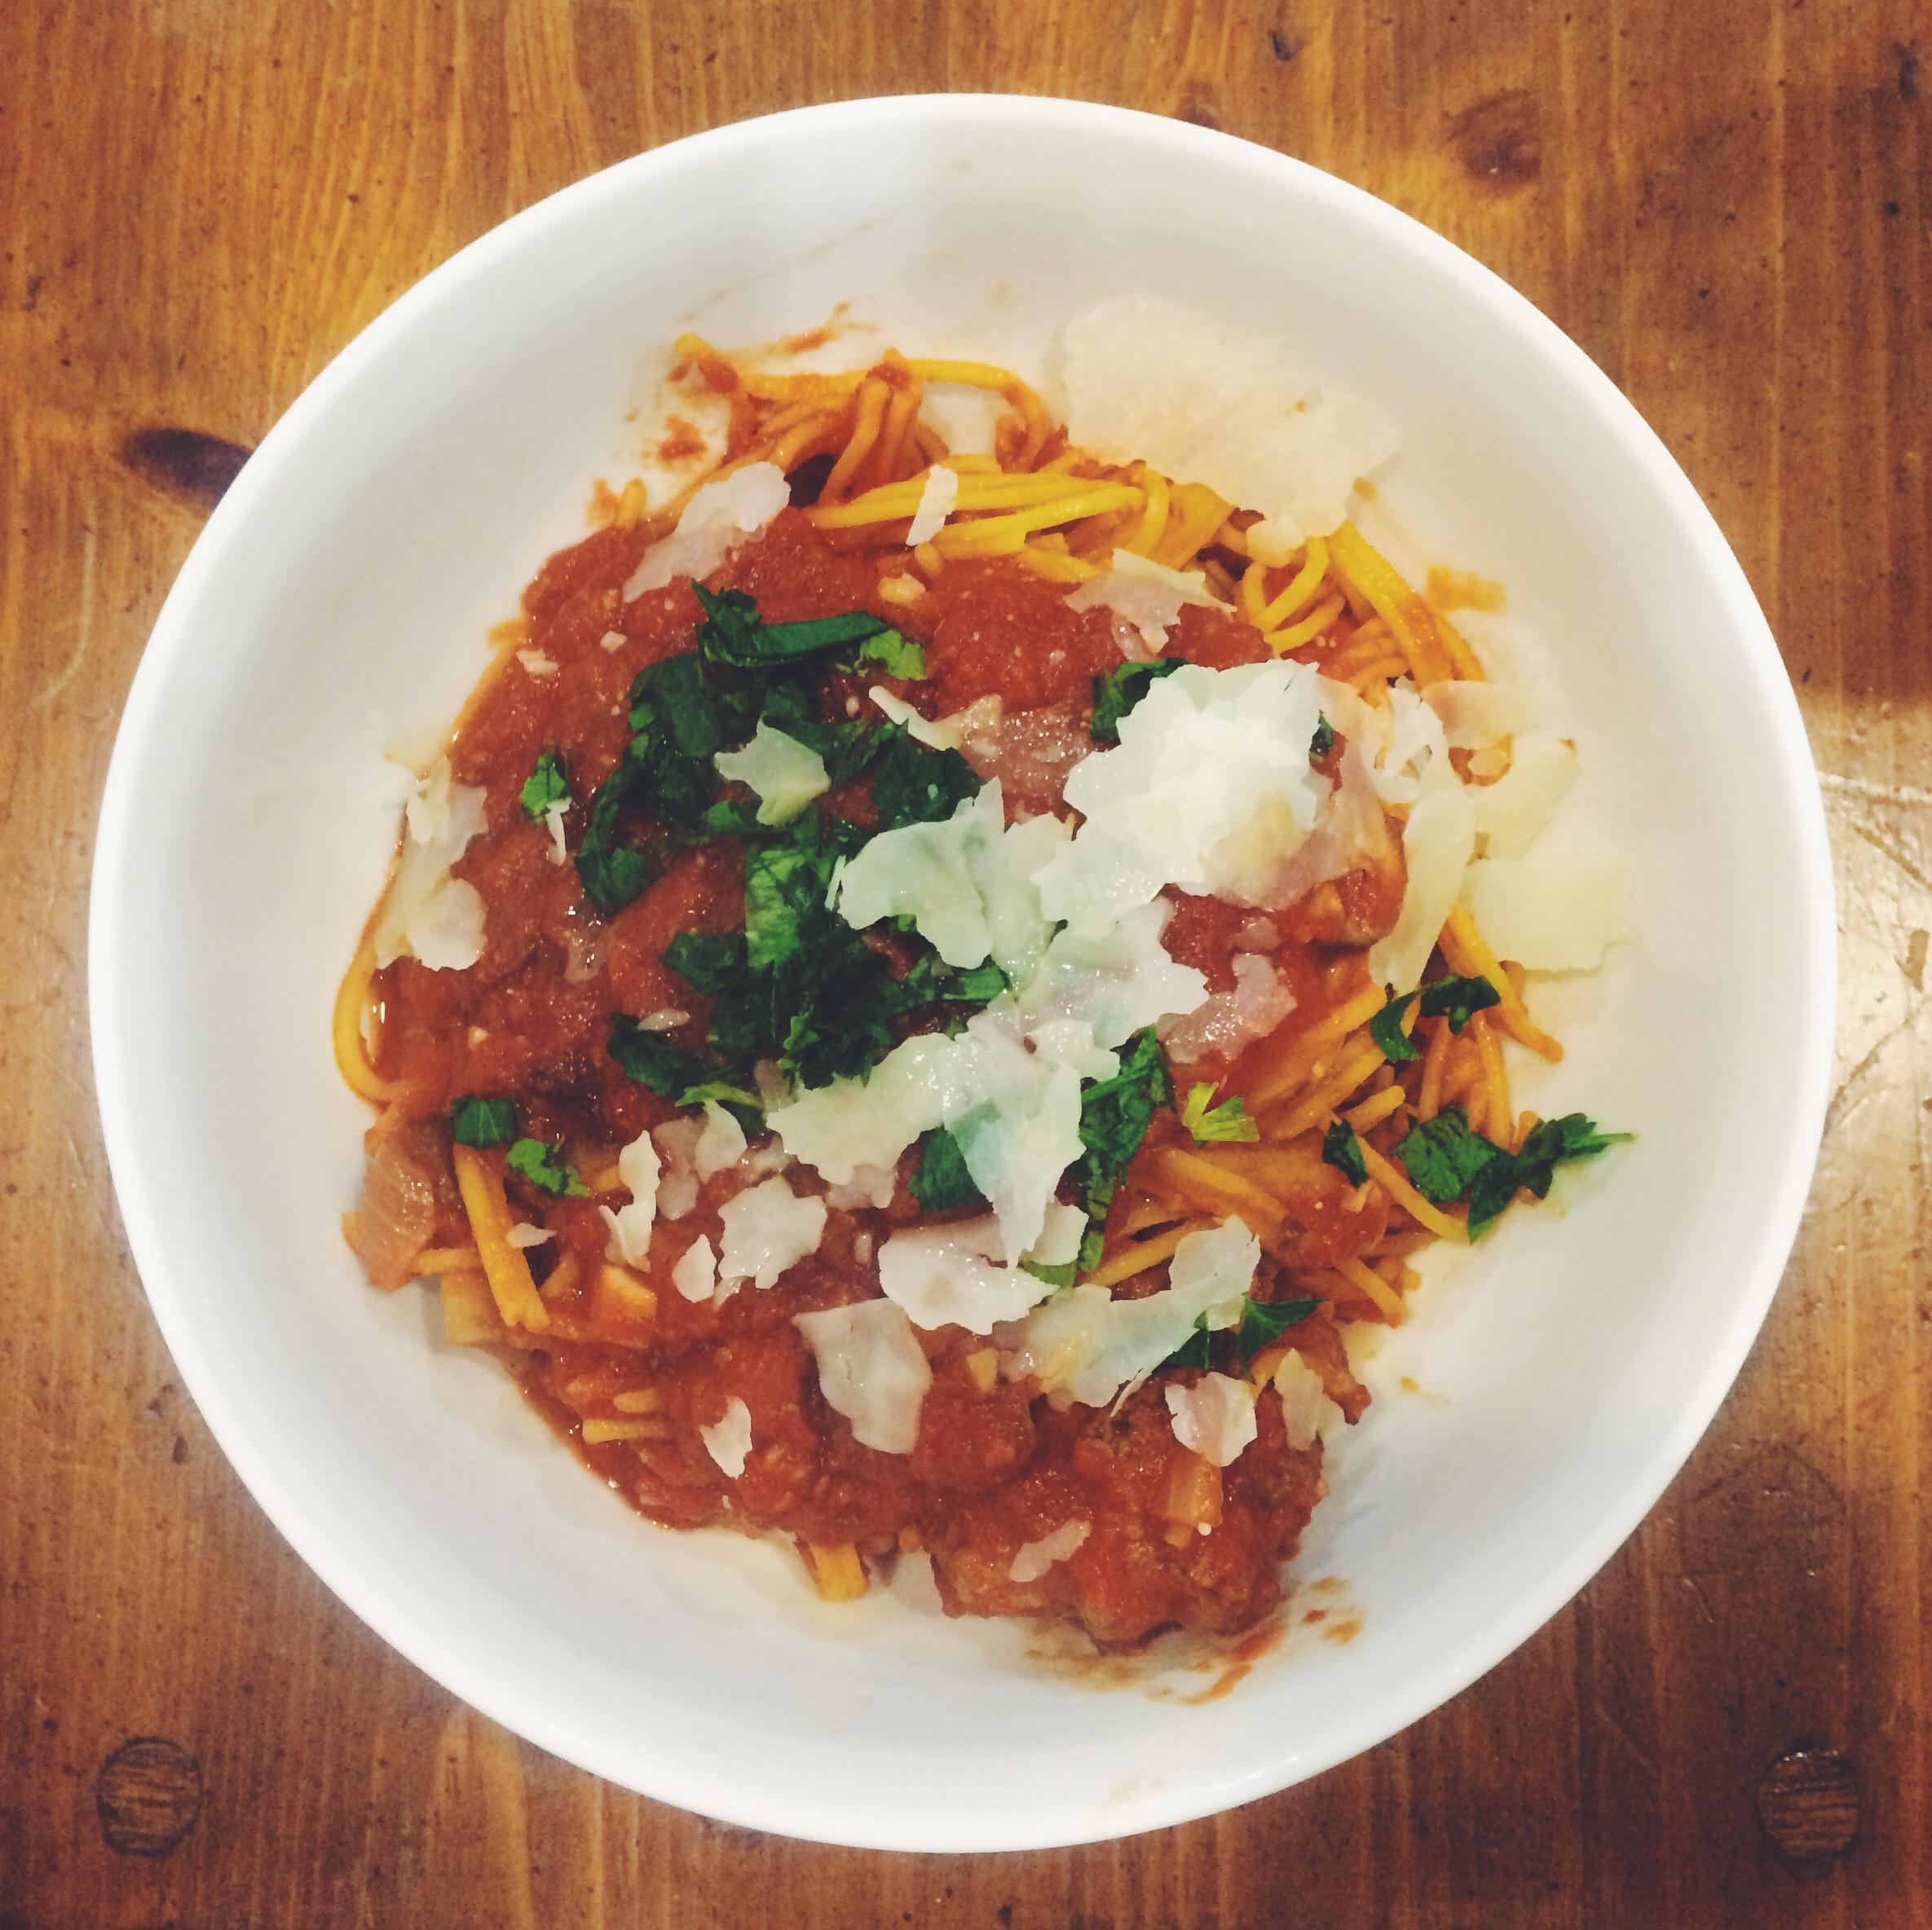 Gluten-free Spaghetti & Meatballs